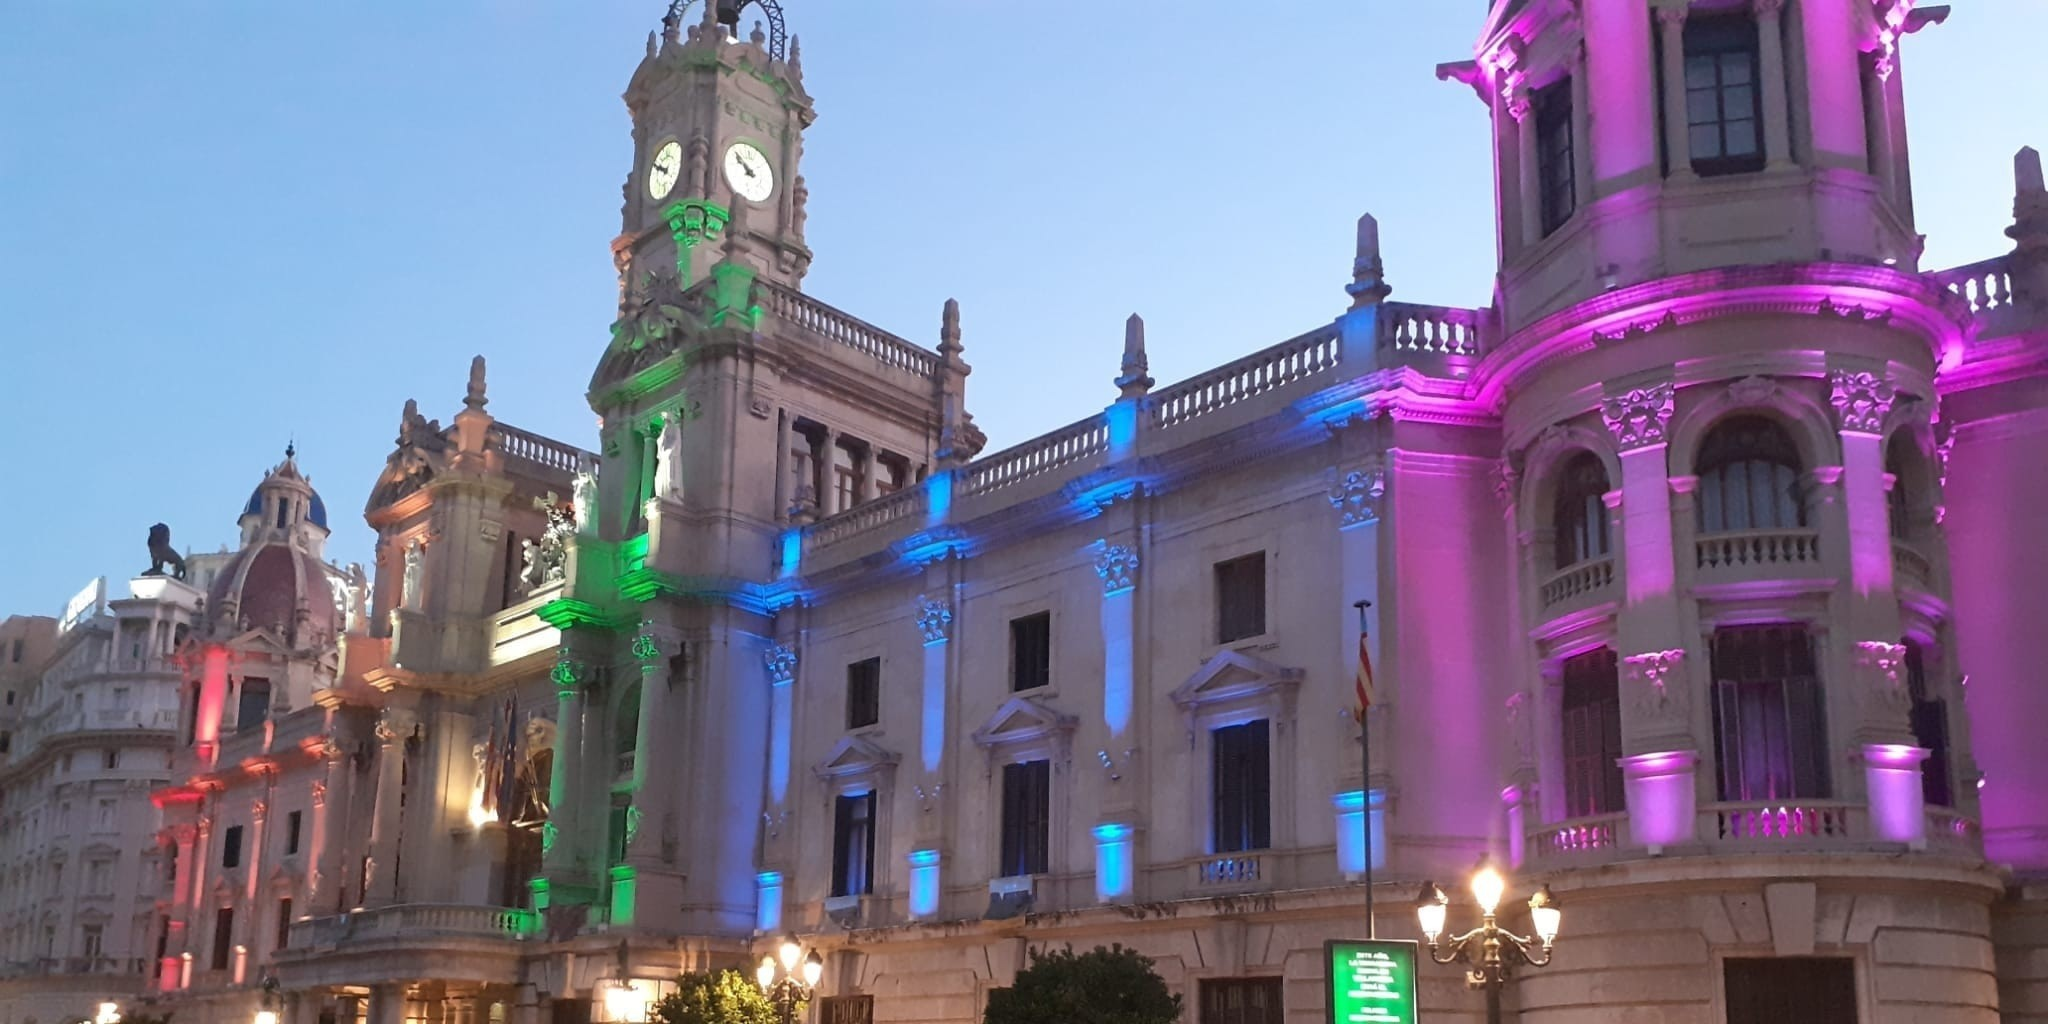 Vox exige al Ayuntamiento de Valencia que retire banderas LGTBI como estableció el Supremo